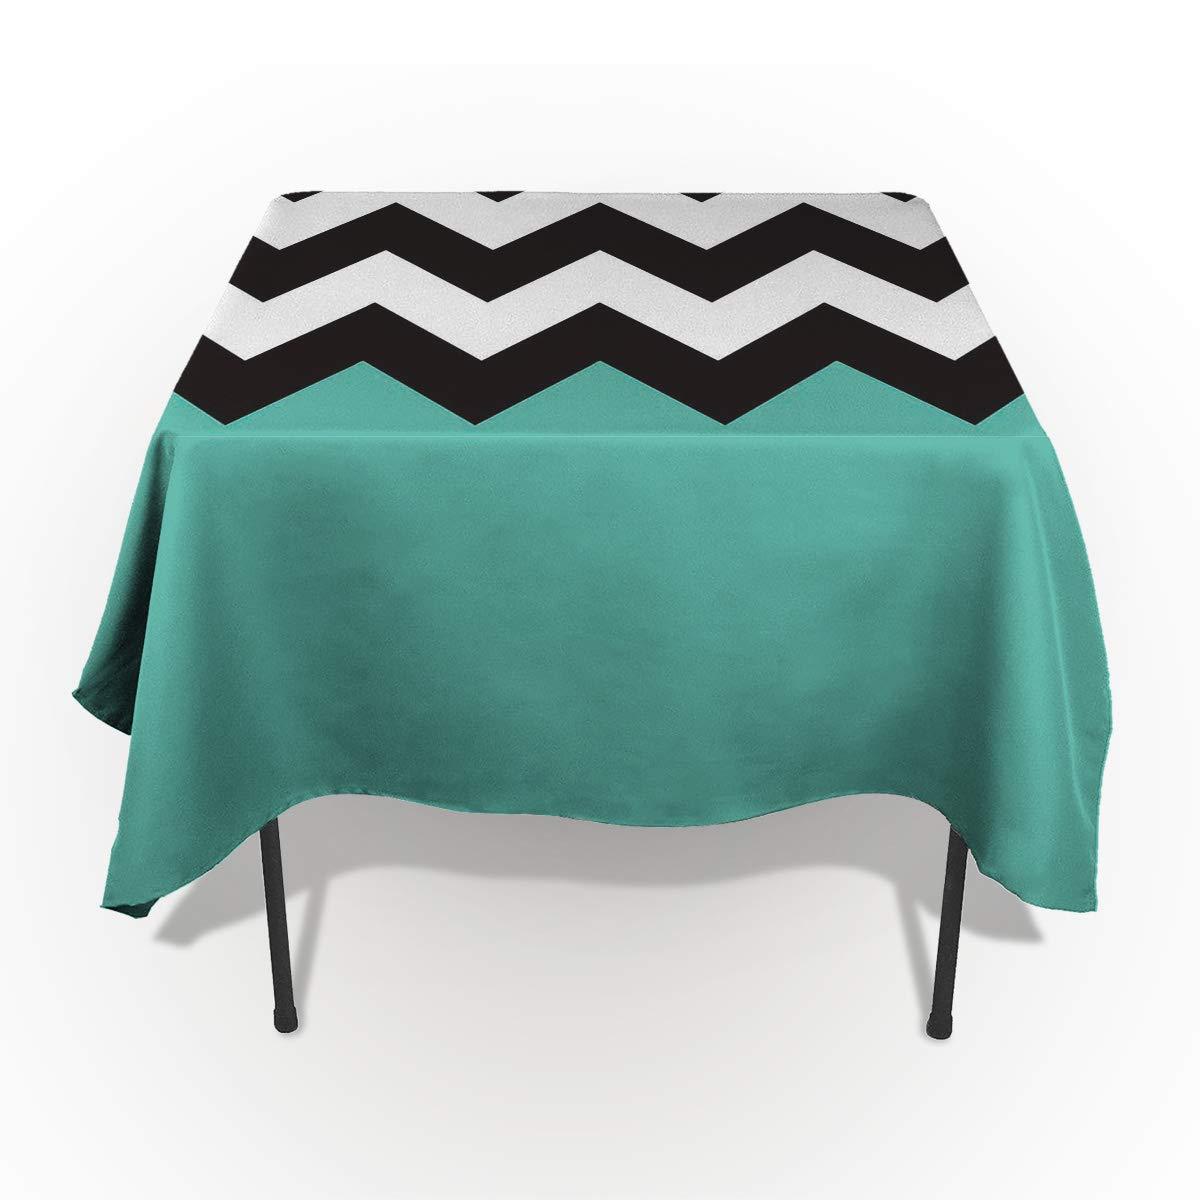 SODIKA コットンリネン テーブルクロス 日本スタイル 波模様 テーブルカバー ディナーキッチン用 60